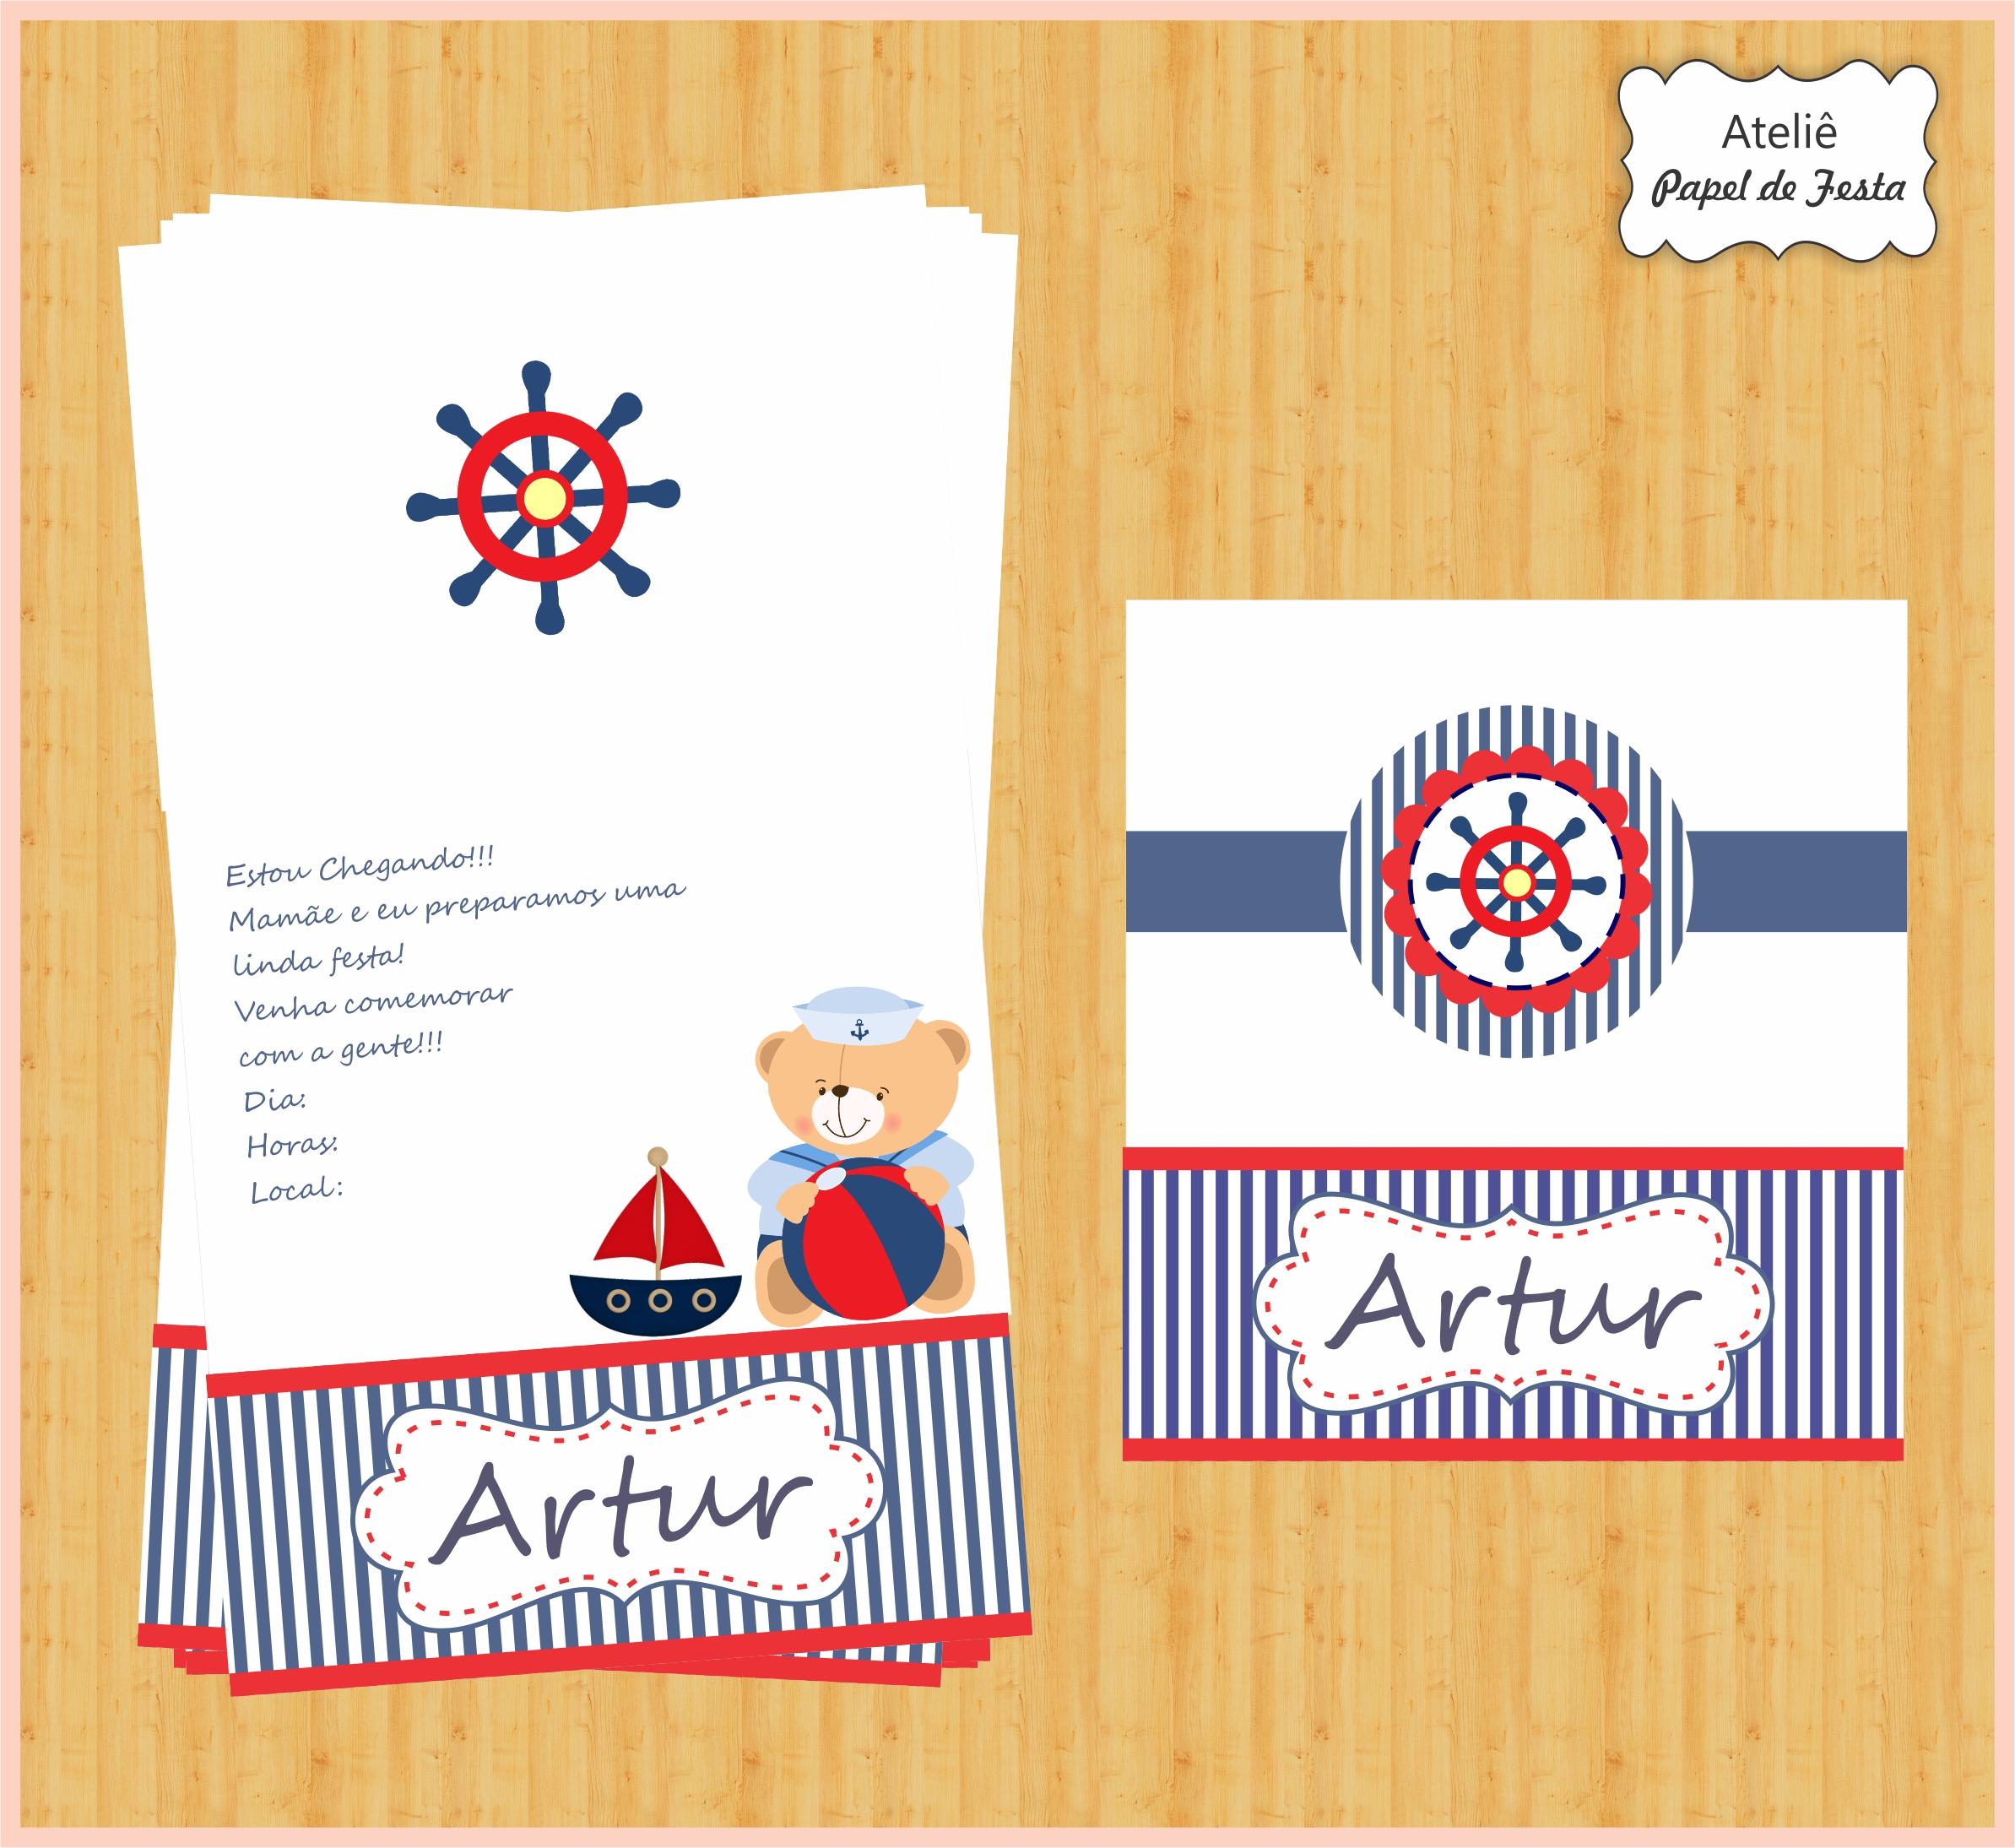 Muito Convite urso marinheiro no Elo7 | Atelie Papel de Festa (56554B) RD92